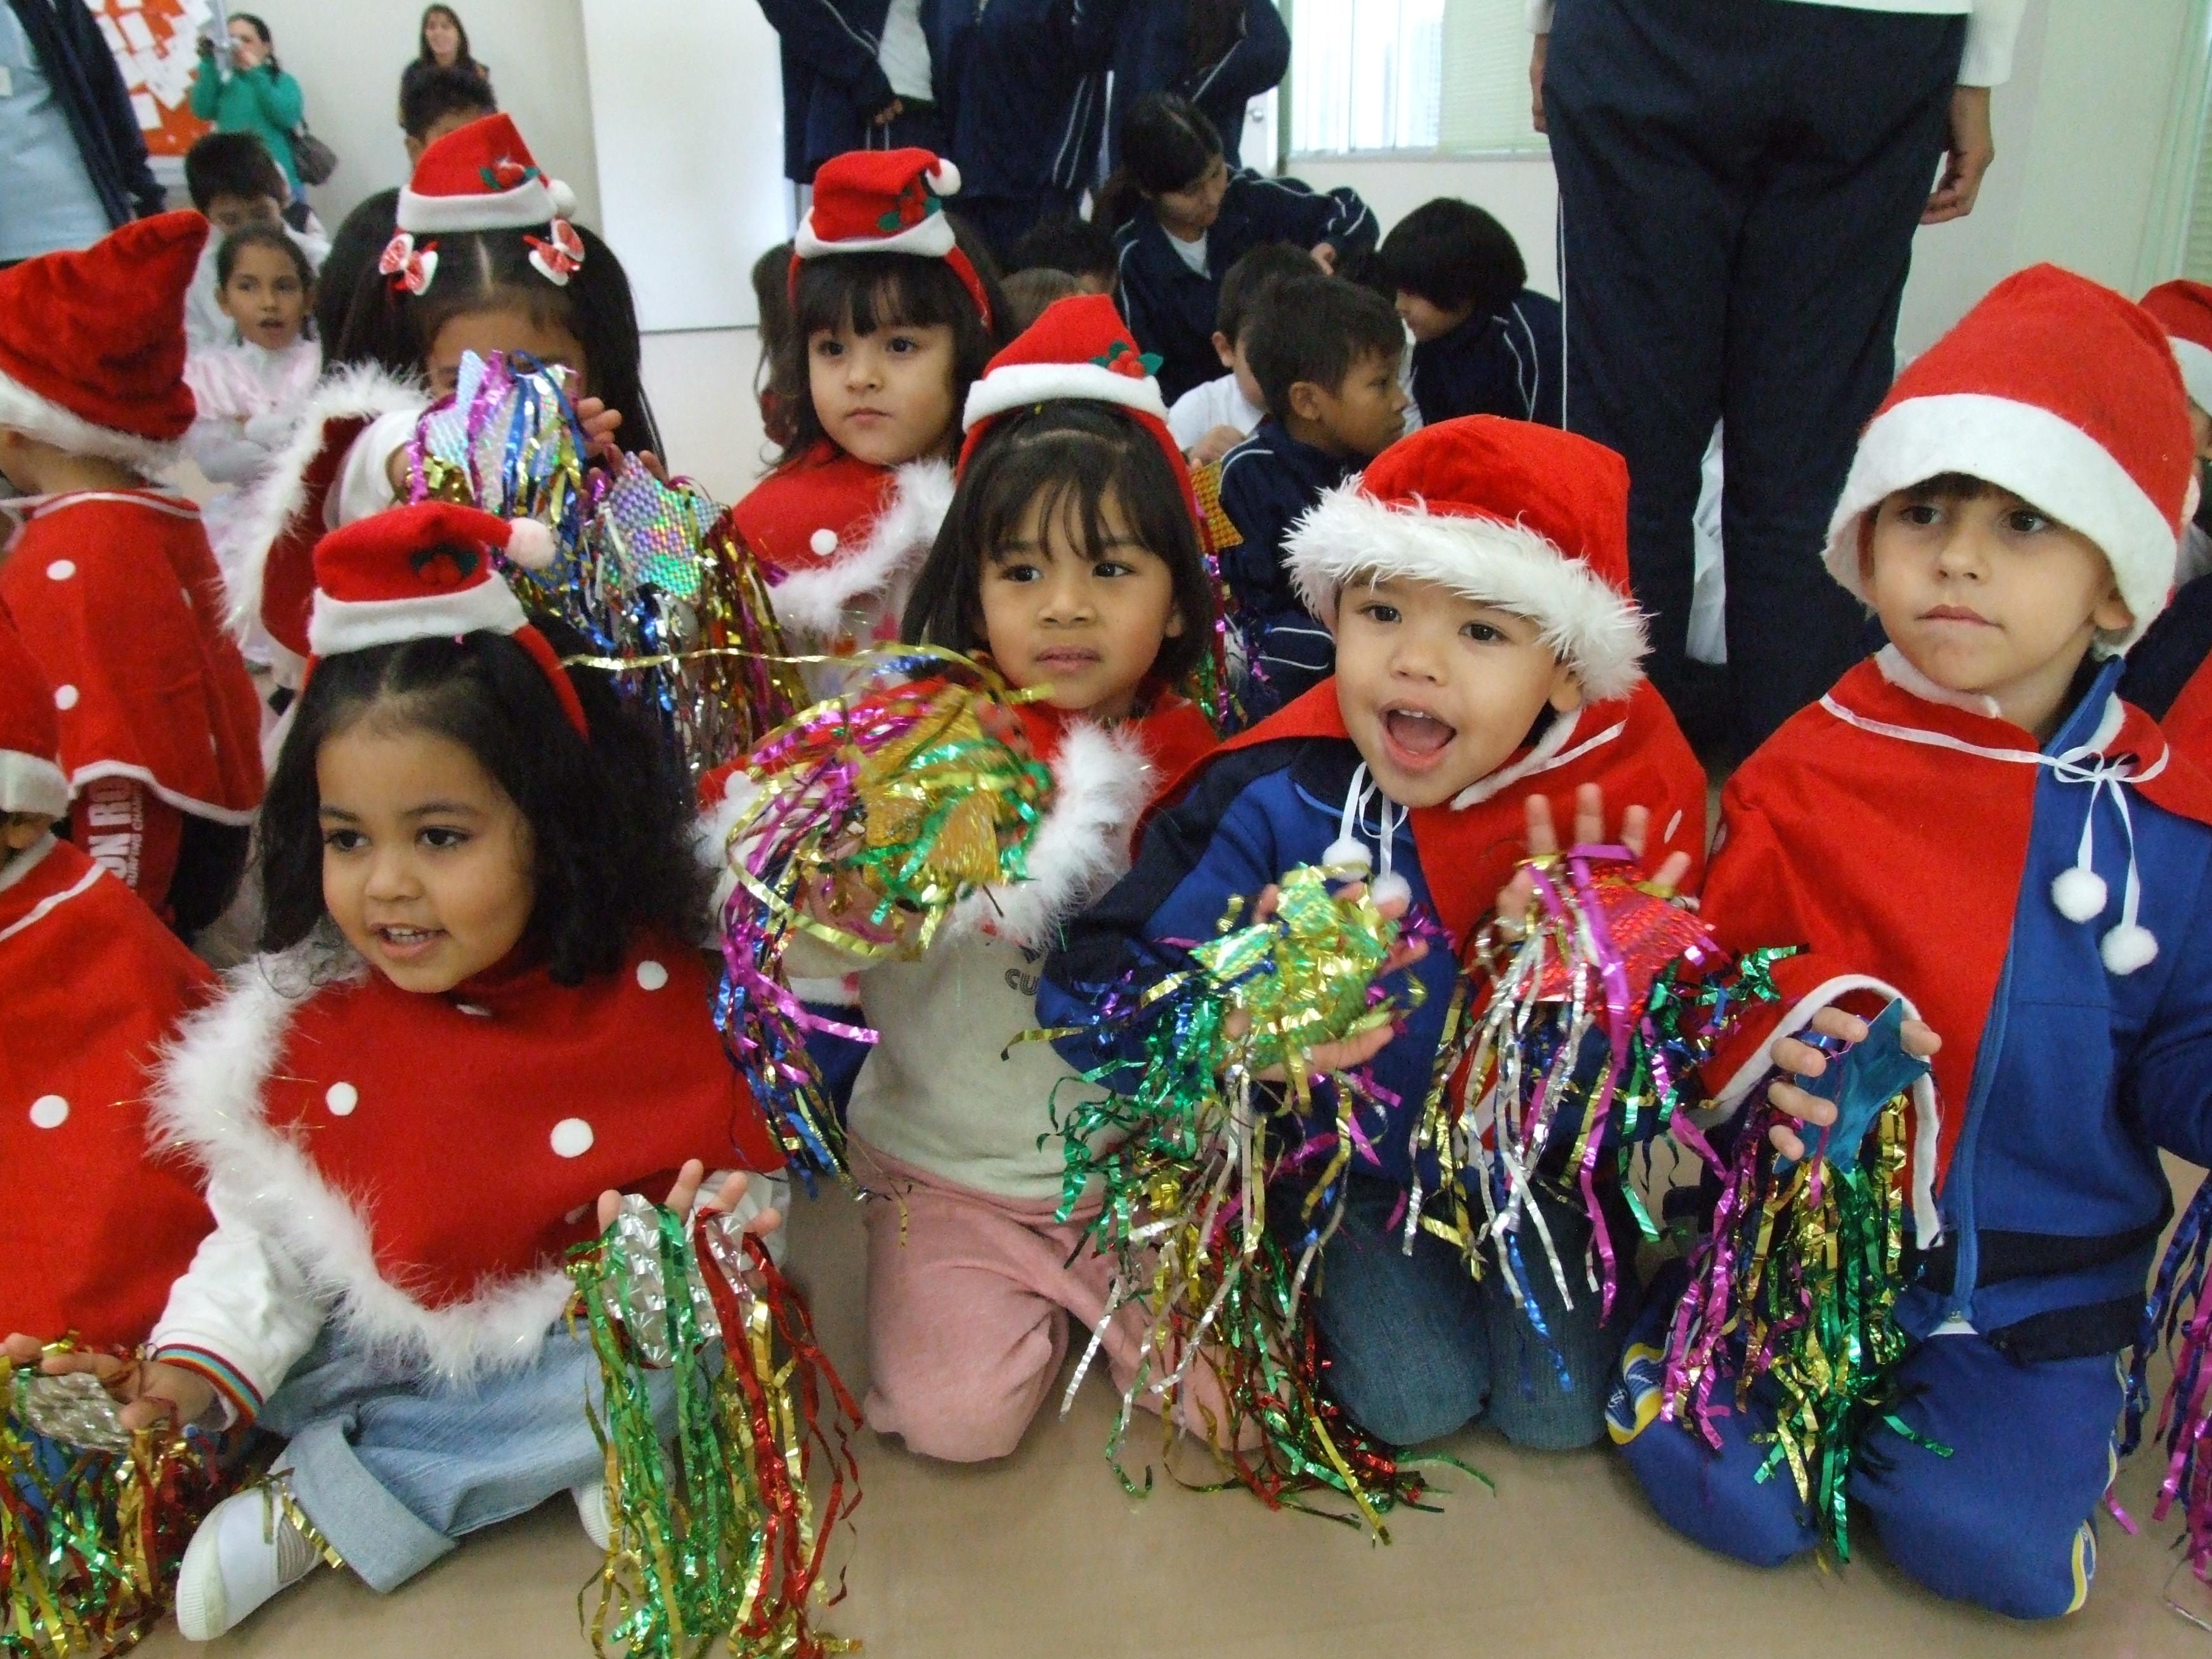 http://www.mundodealegria.org/images/DSCF5039.JPG